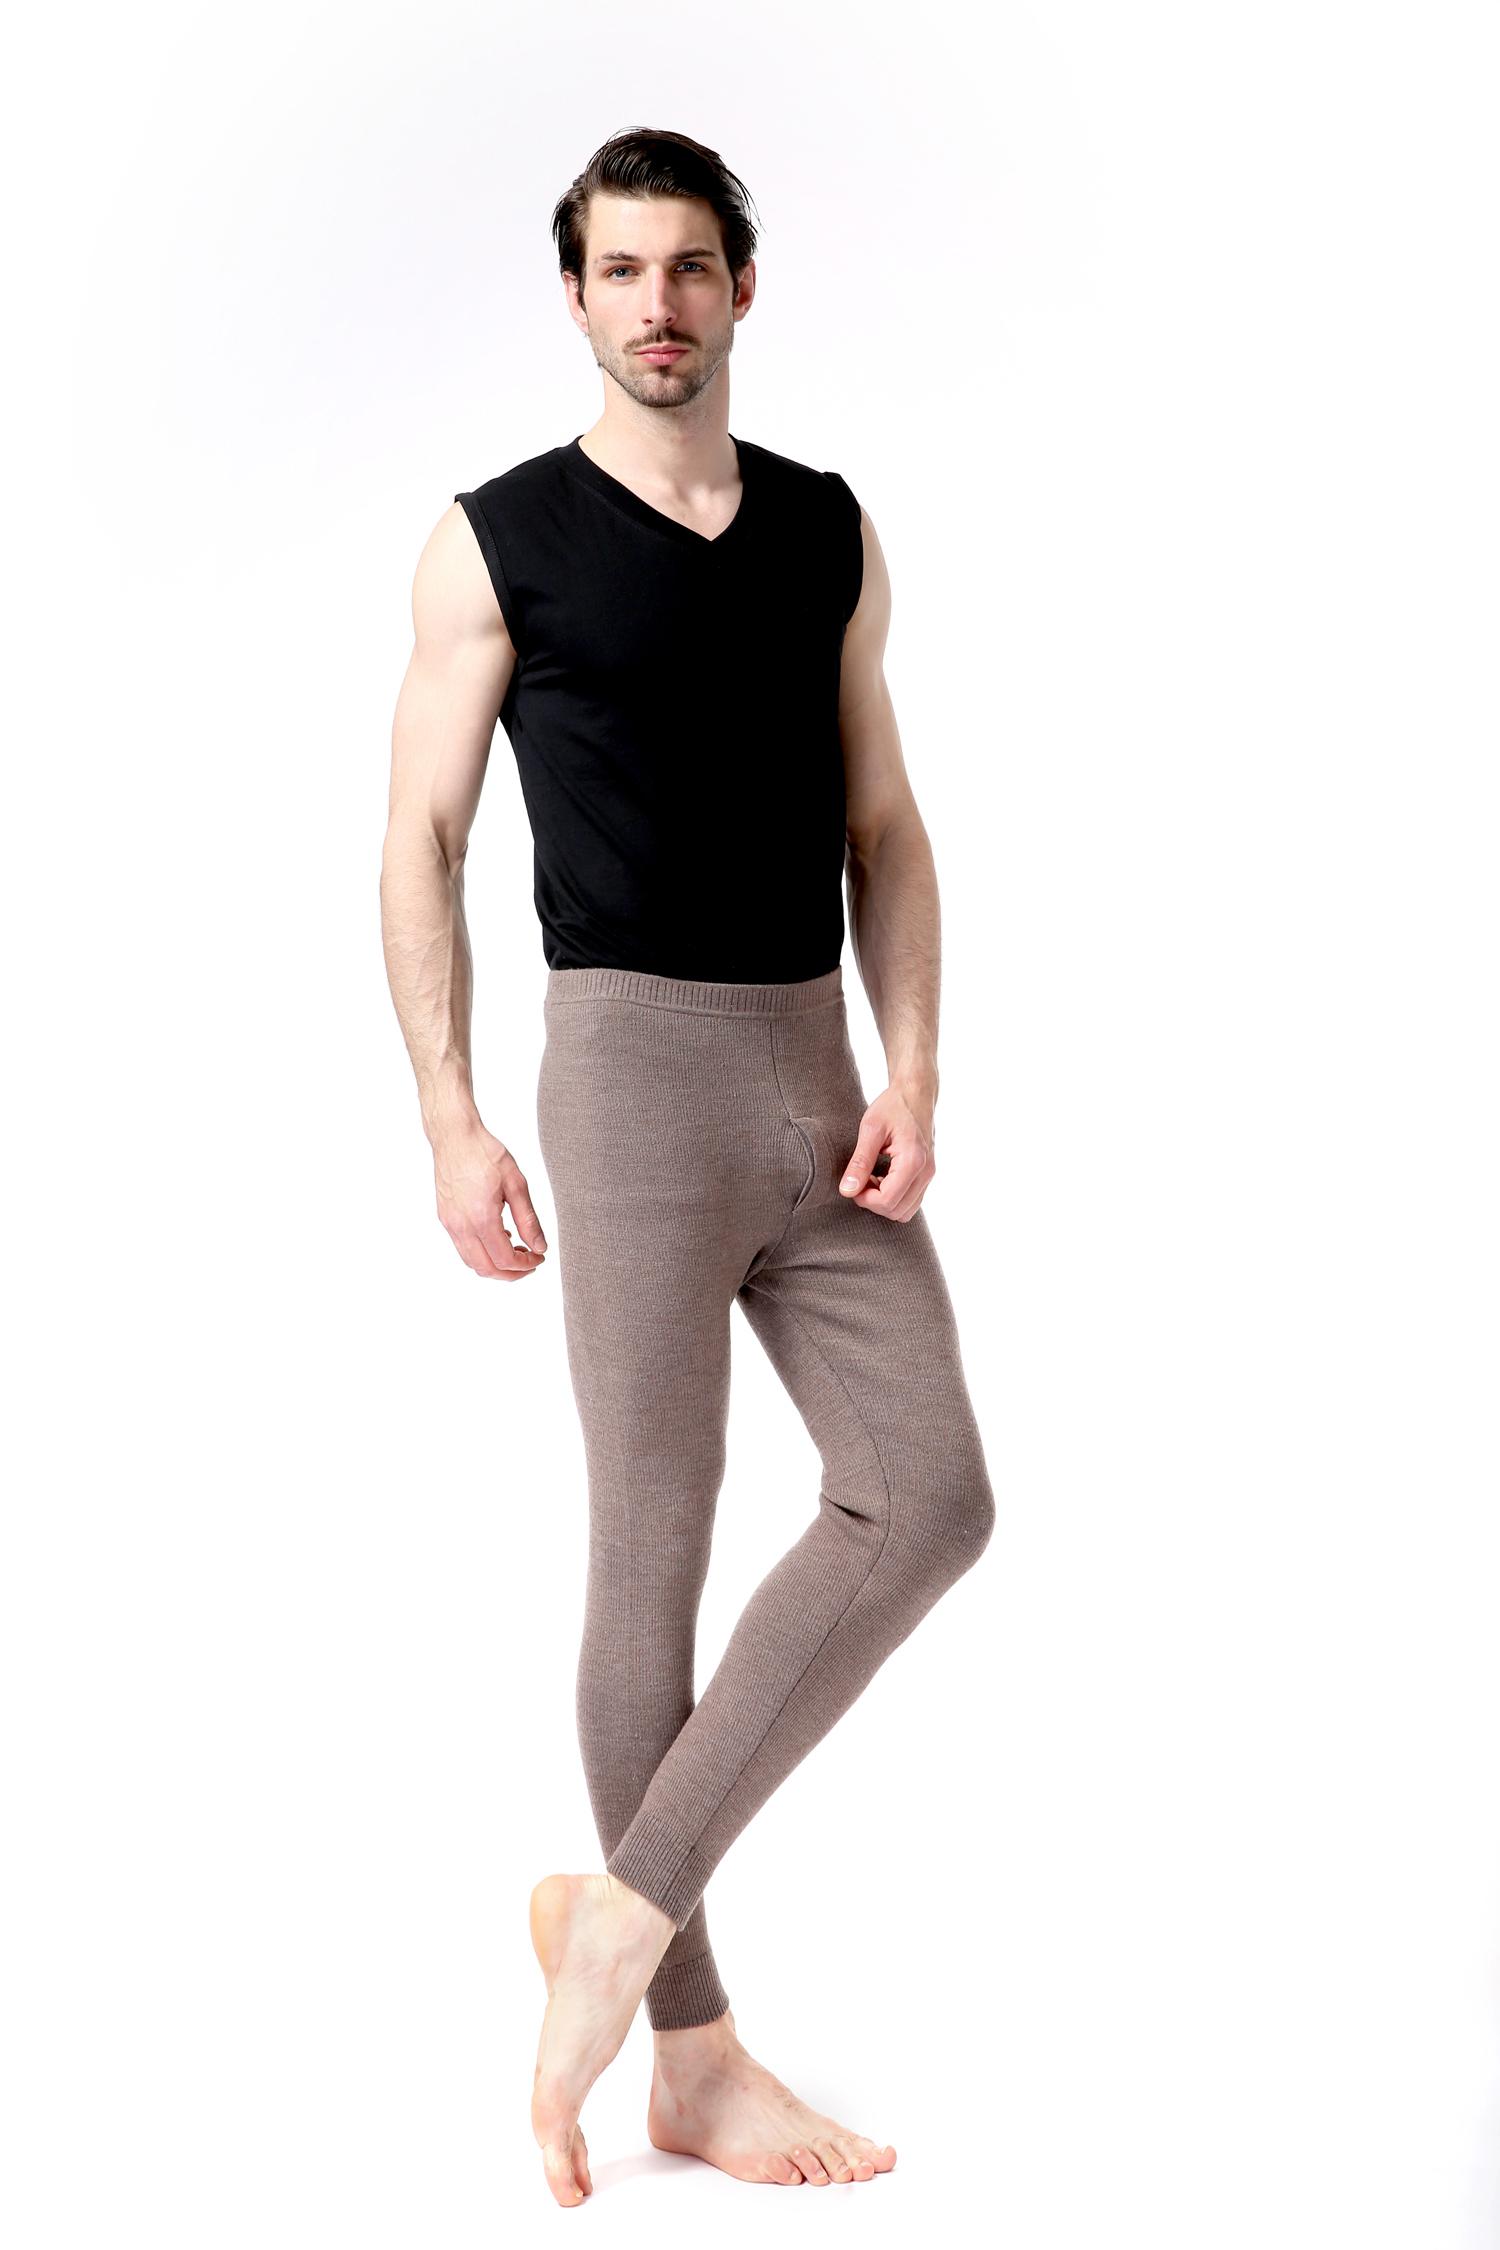 四子王旗男士打底绒裤,最好的都兰诺斯澳毛男抽条裤推荐